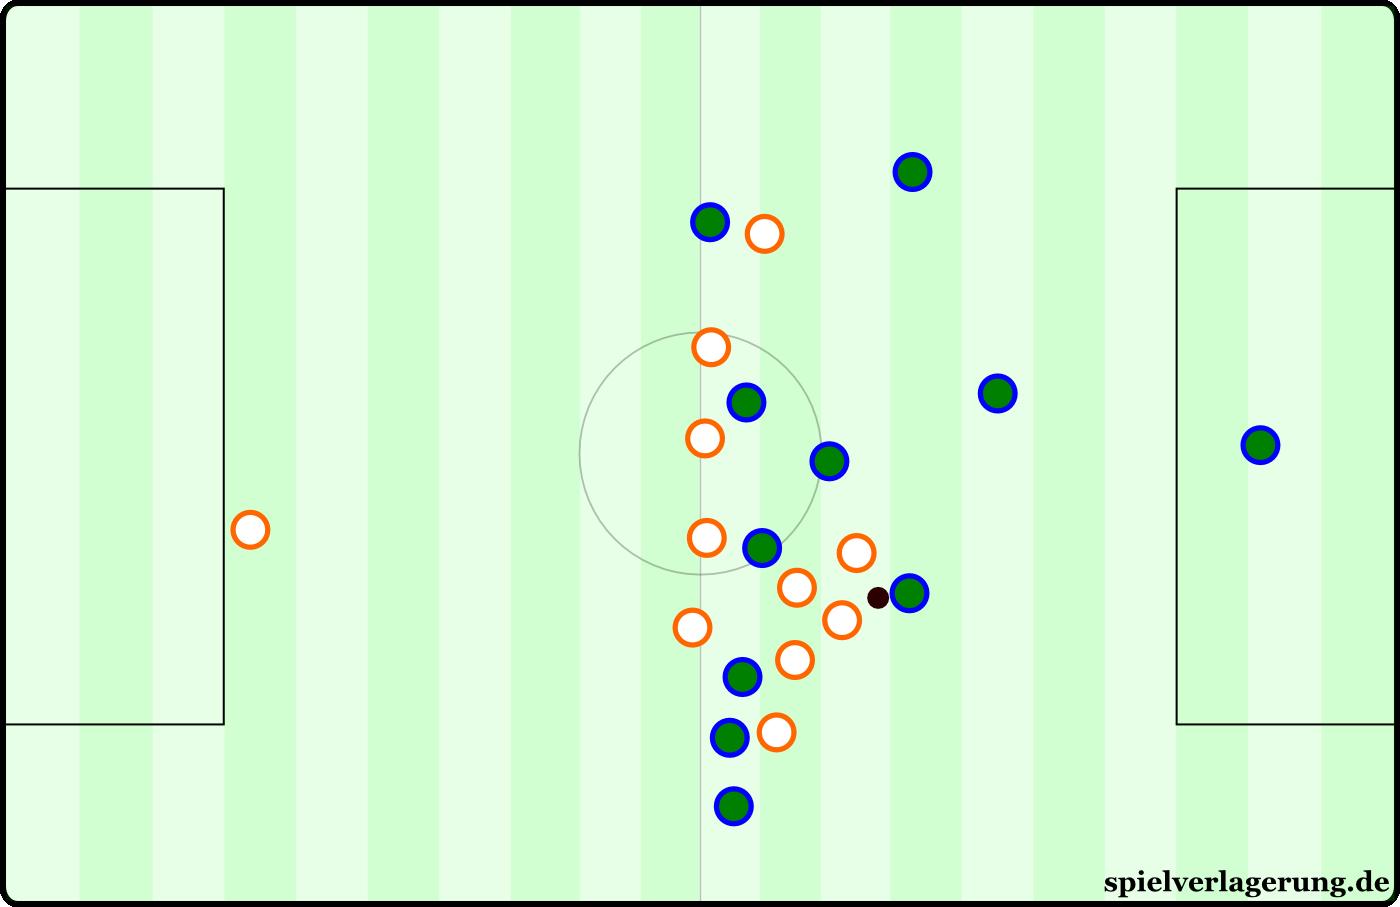 Eine Spielszene der Niederländer von der WM 1974. Abseitsfalle und Gegenpressing, olé!